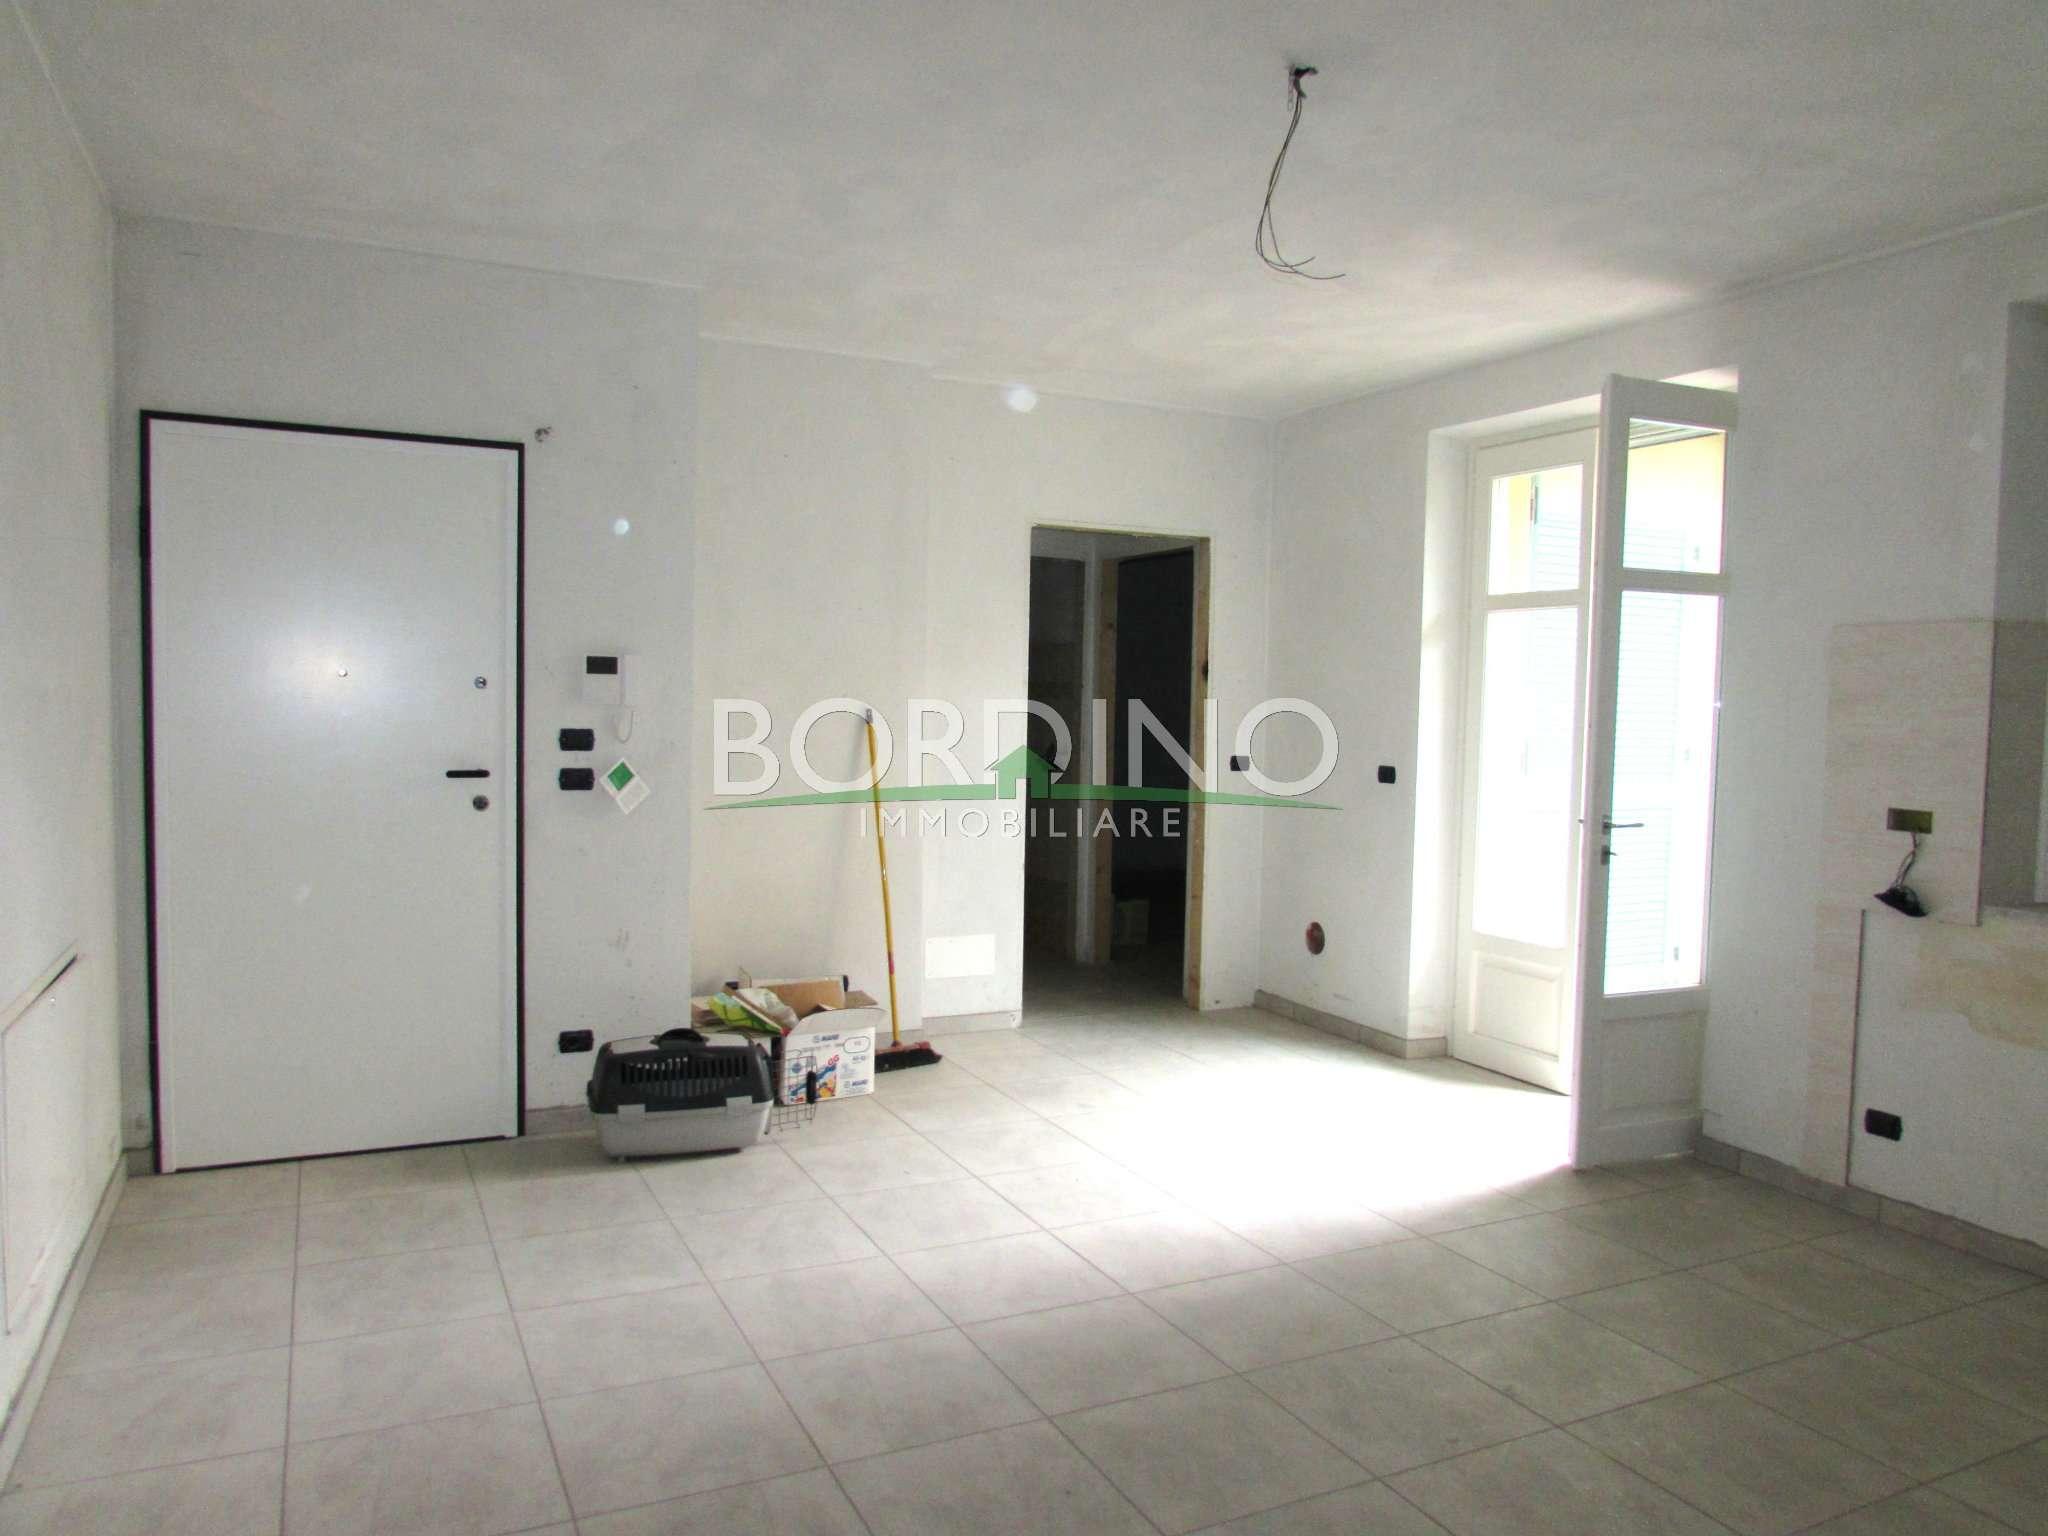 Appartamento in vendita a Canale, 3 locali, prezzo € 149.000 | CambioCasa.it